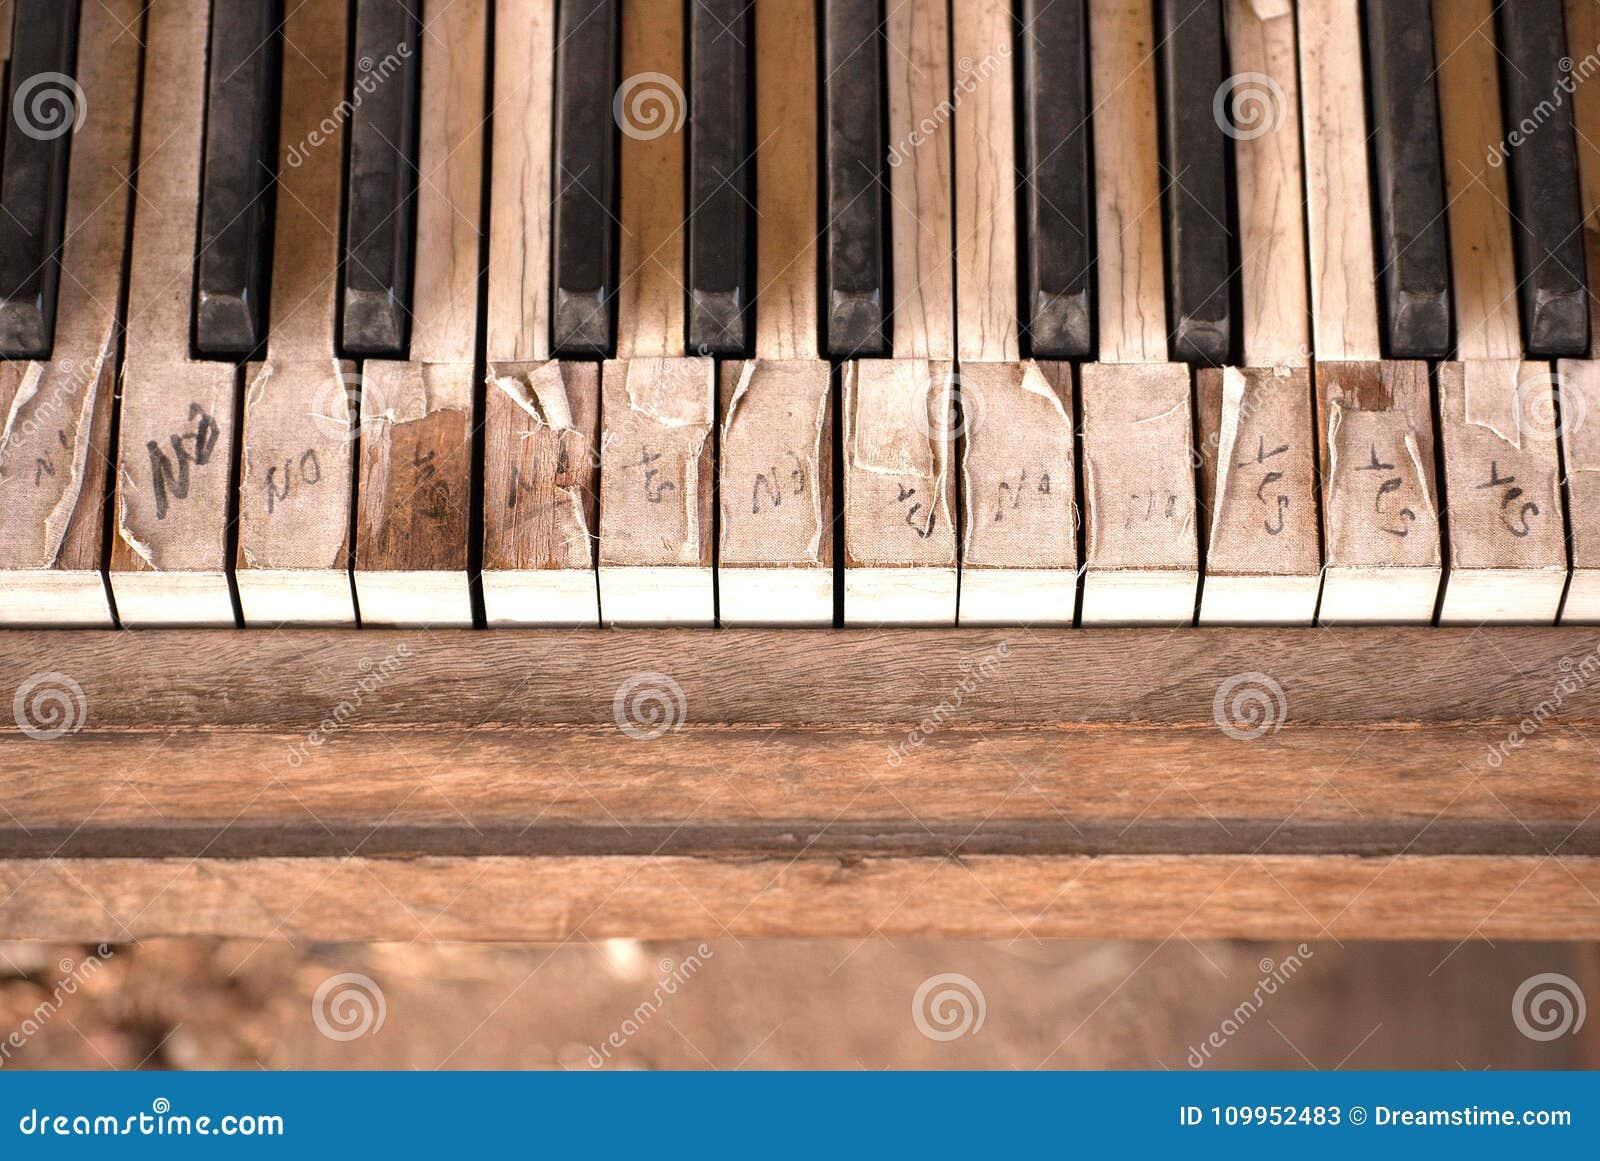 Deze Oude Pianosleutels